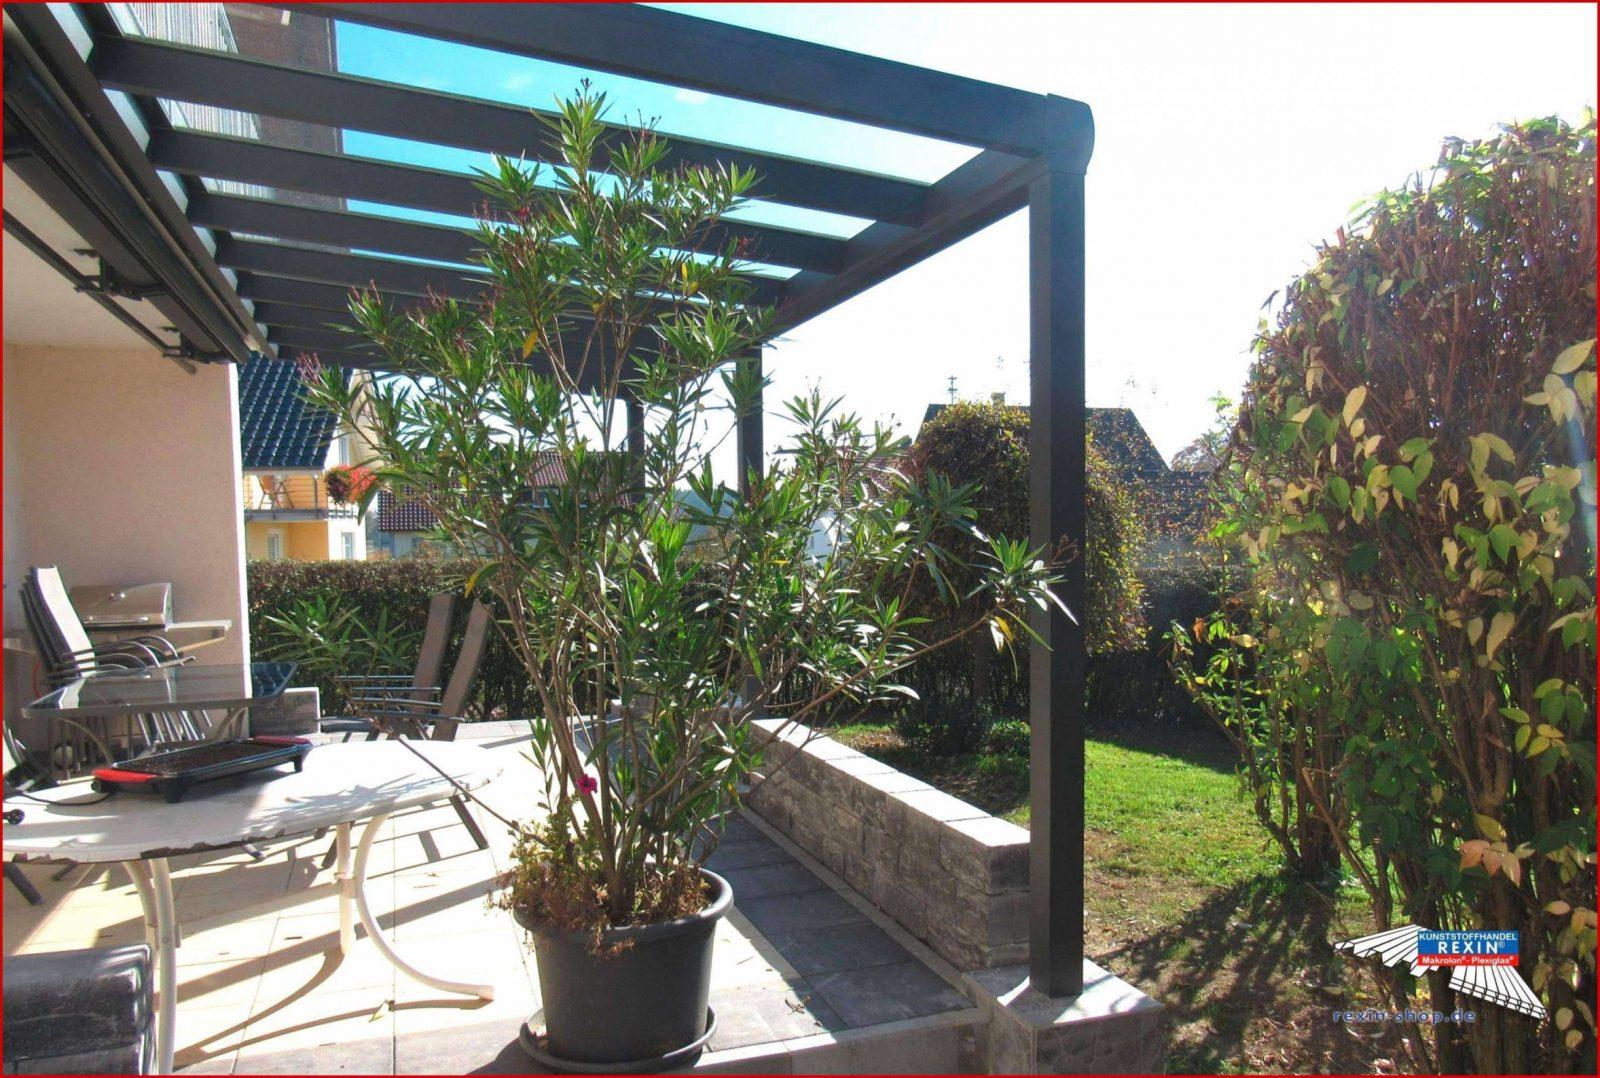 Pflanzen Sichtschutz Terrasse Kübel — Temobardz Home Blog von Pflanzen Als Sichtschutz Terrasse Bild